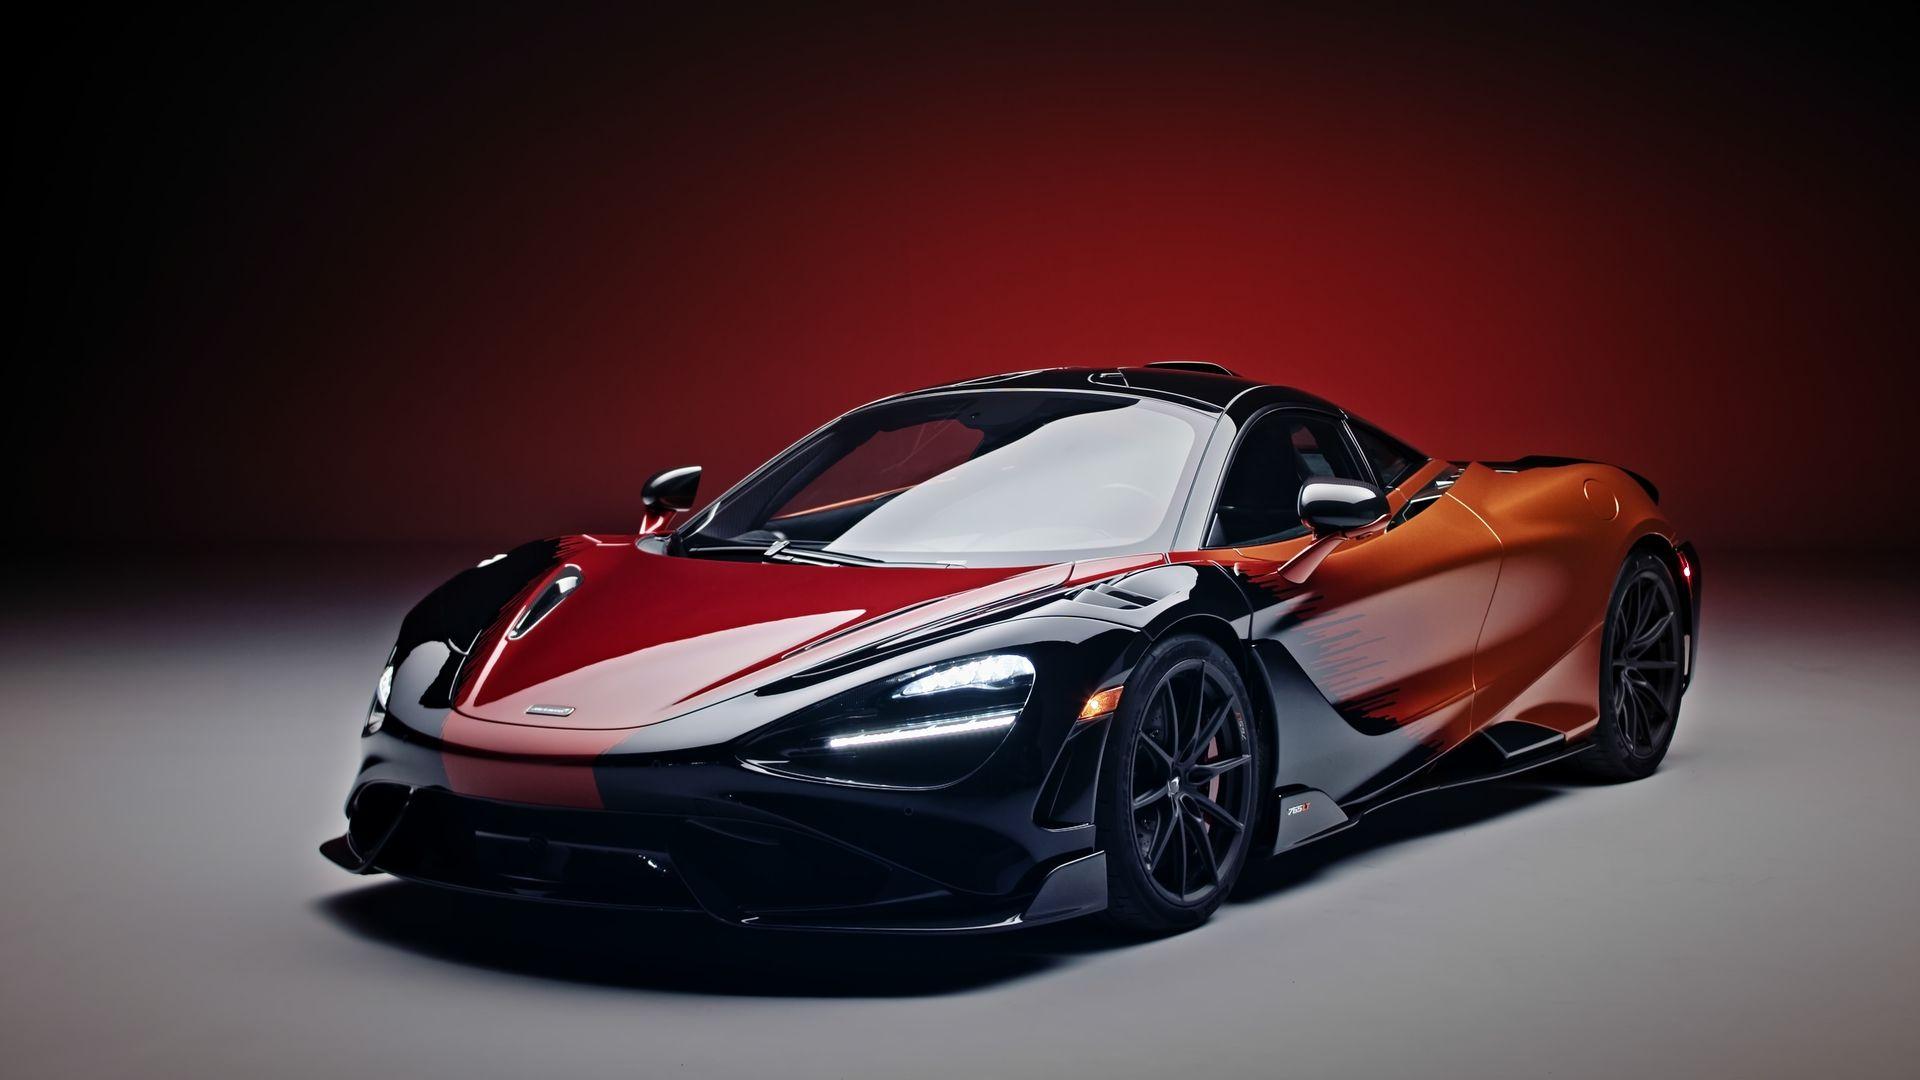 McLaren MSO 765LT